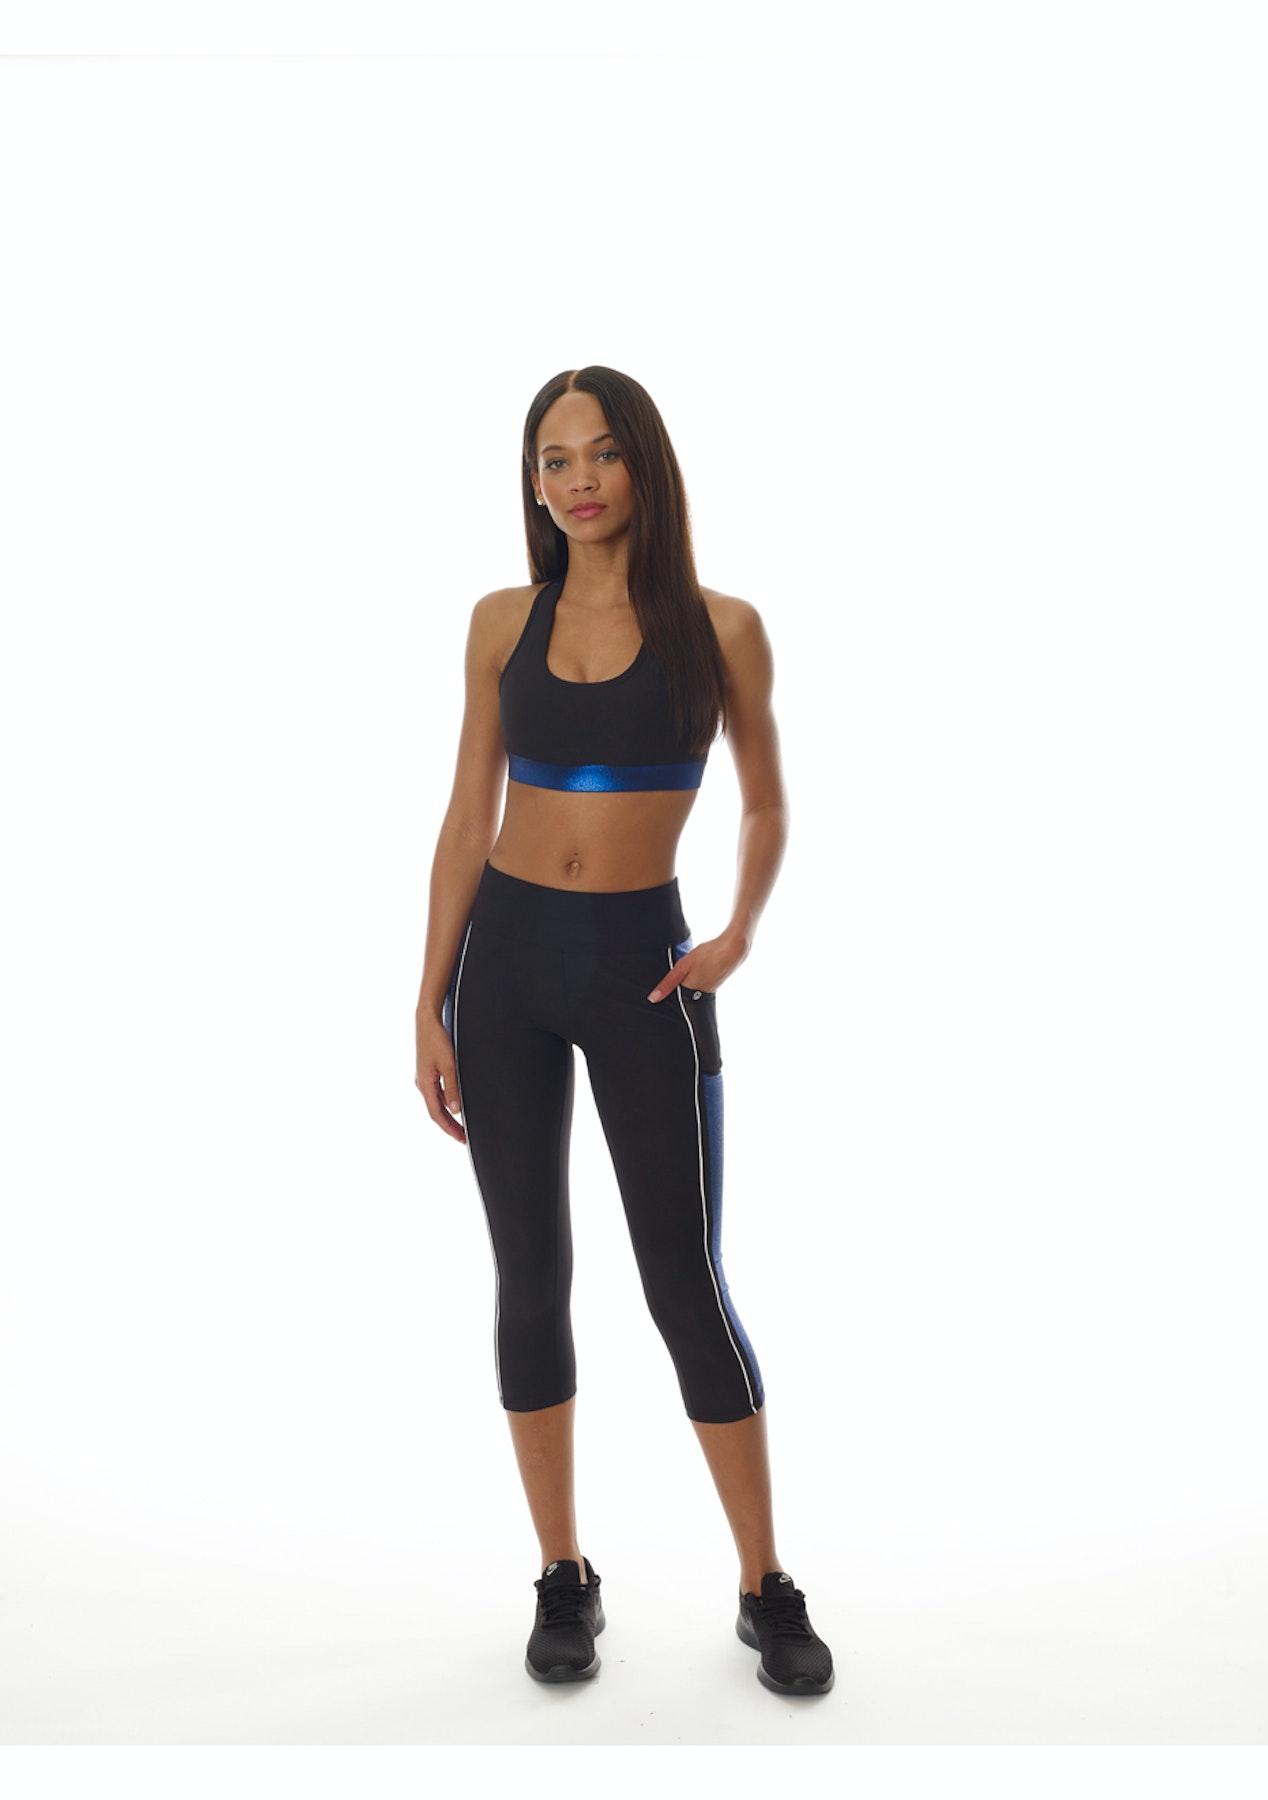 02b6d26f2464 Gottex - Double Line Color Block Capri - Black Blue - Activewear Under  45  - Onceit